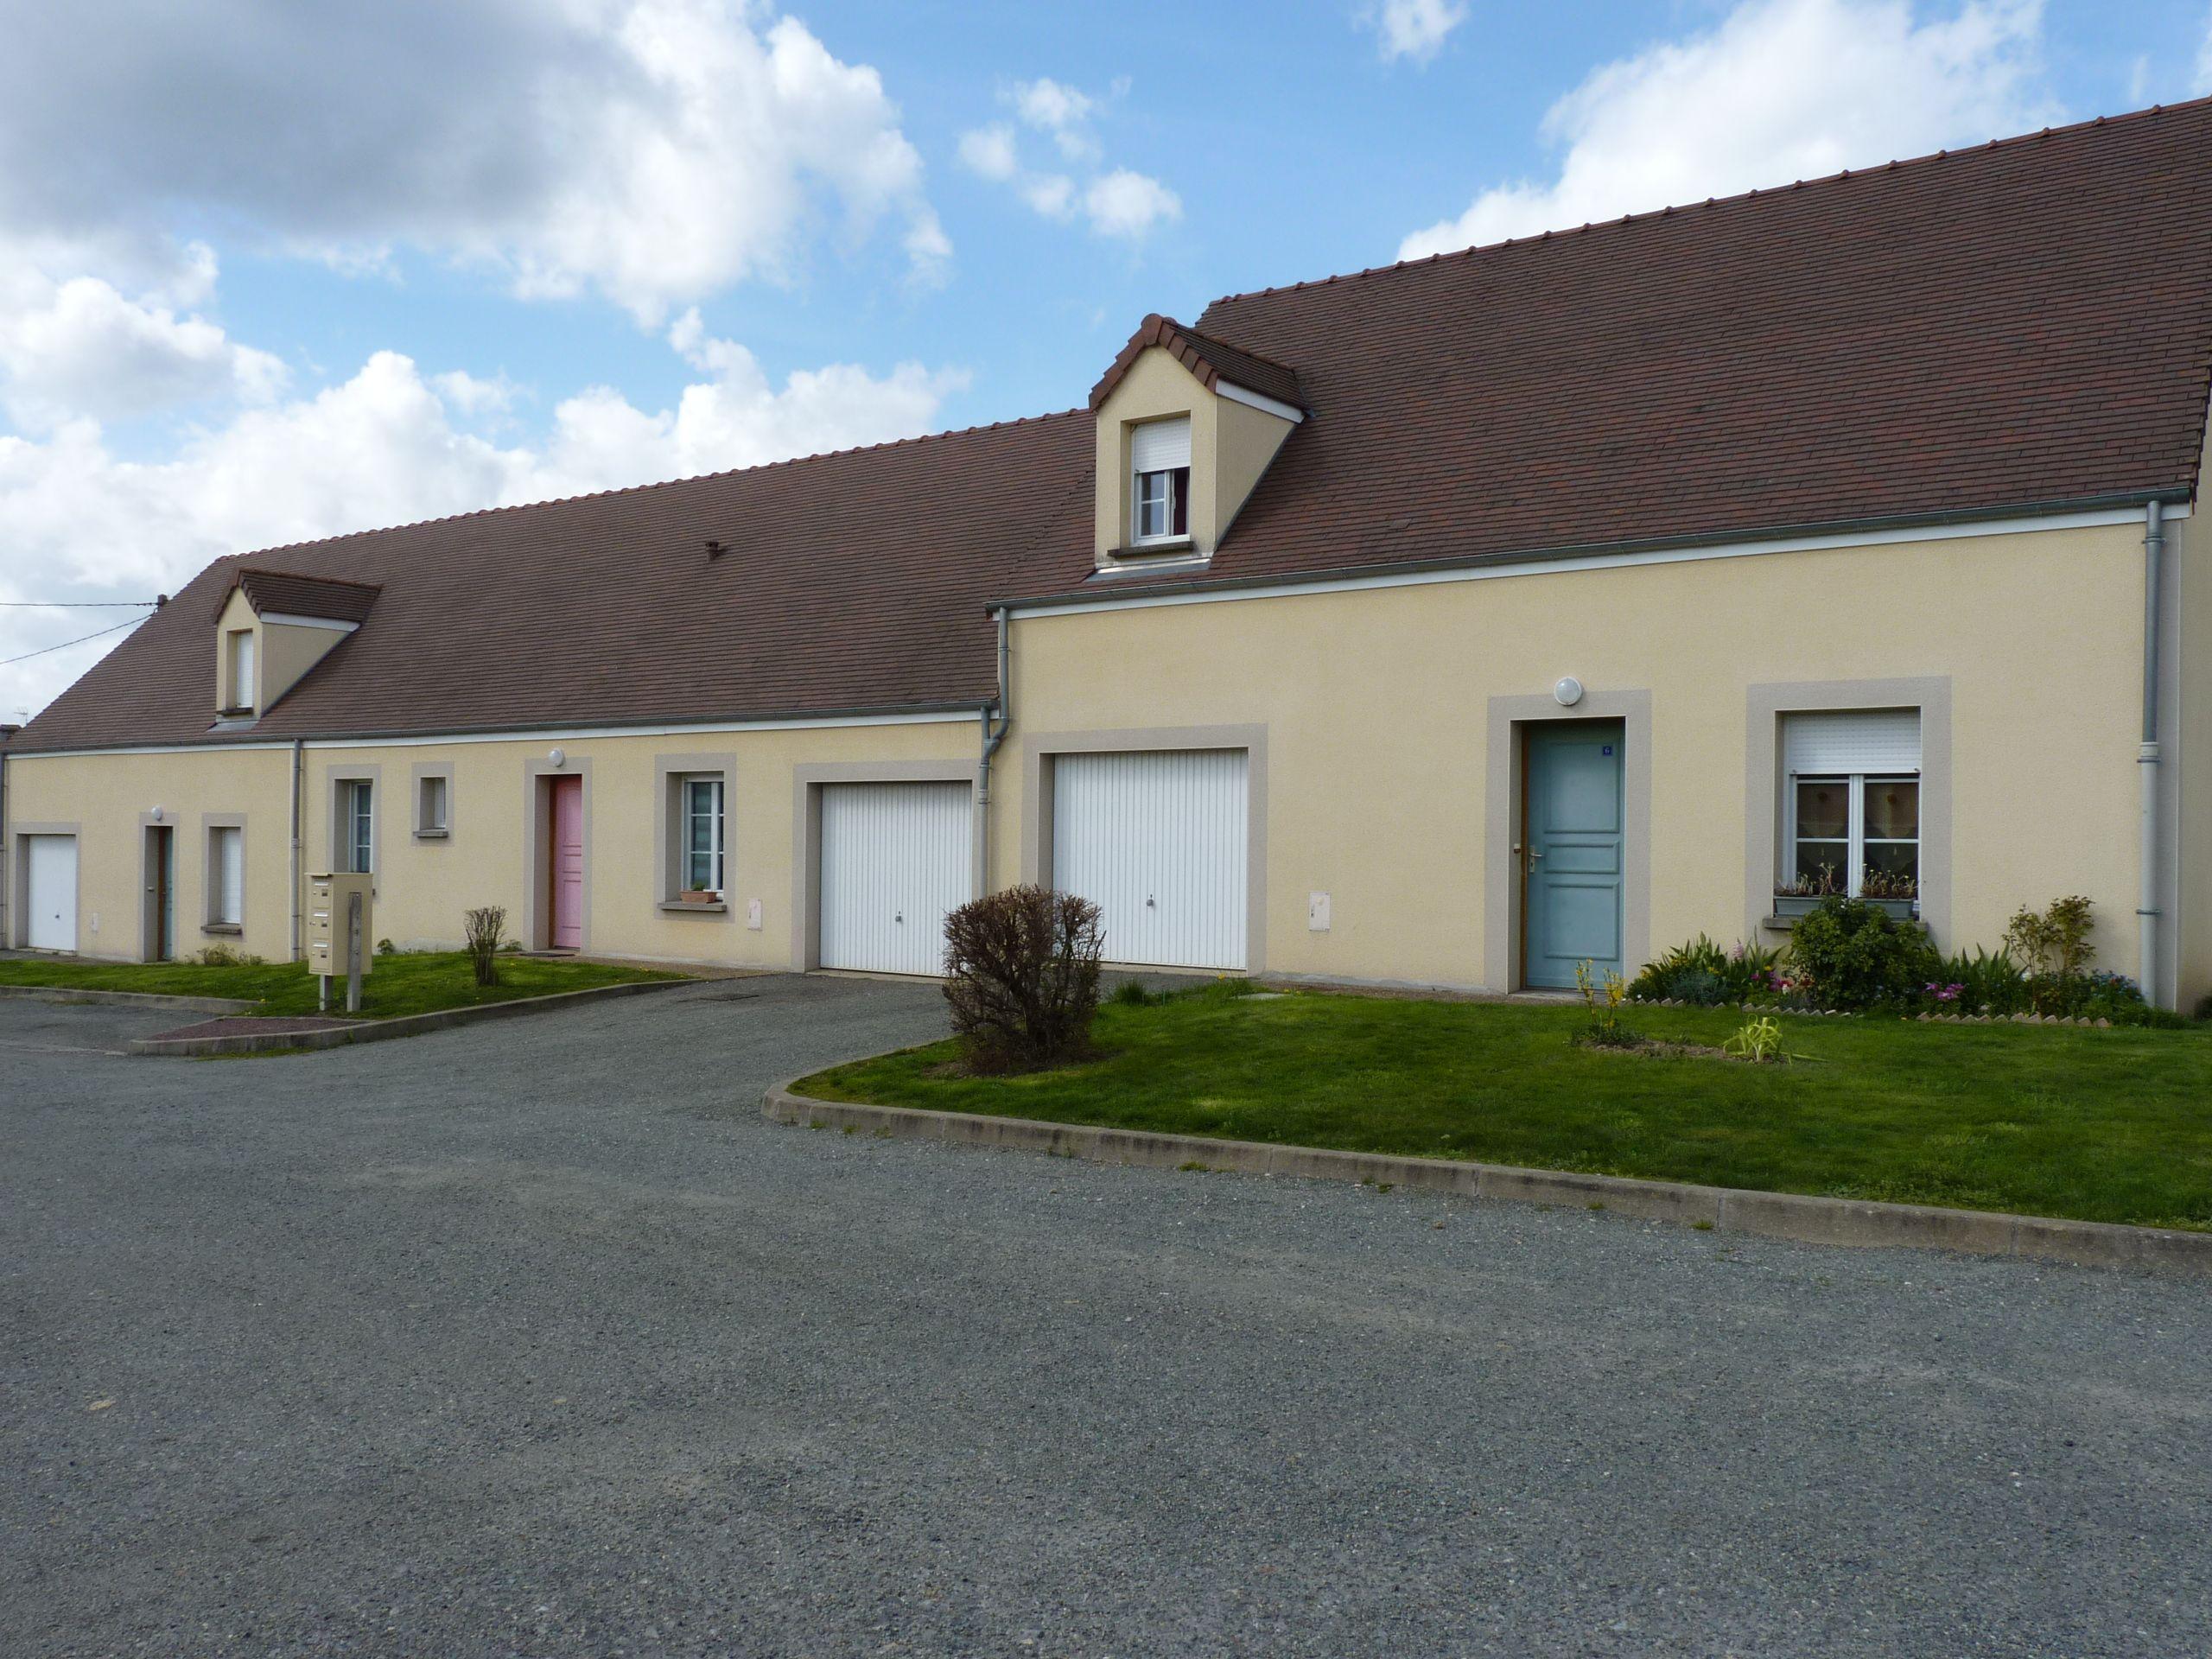 Logement pac locataion maison t4 orne for Entretien exterieur locataire